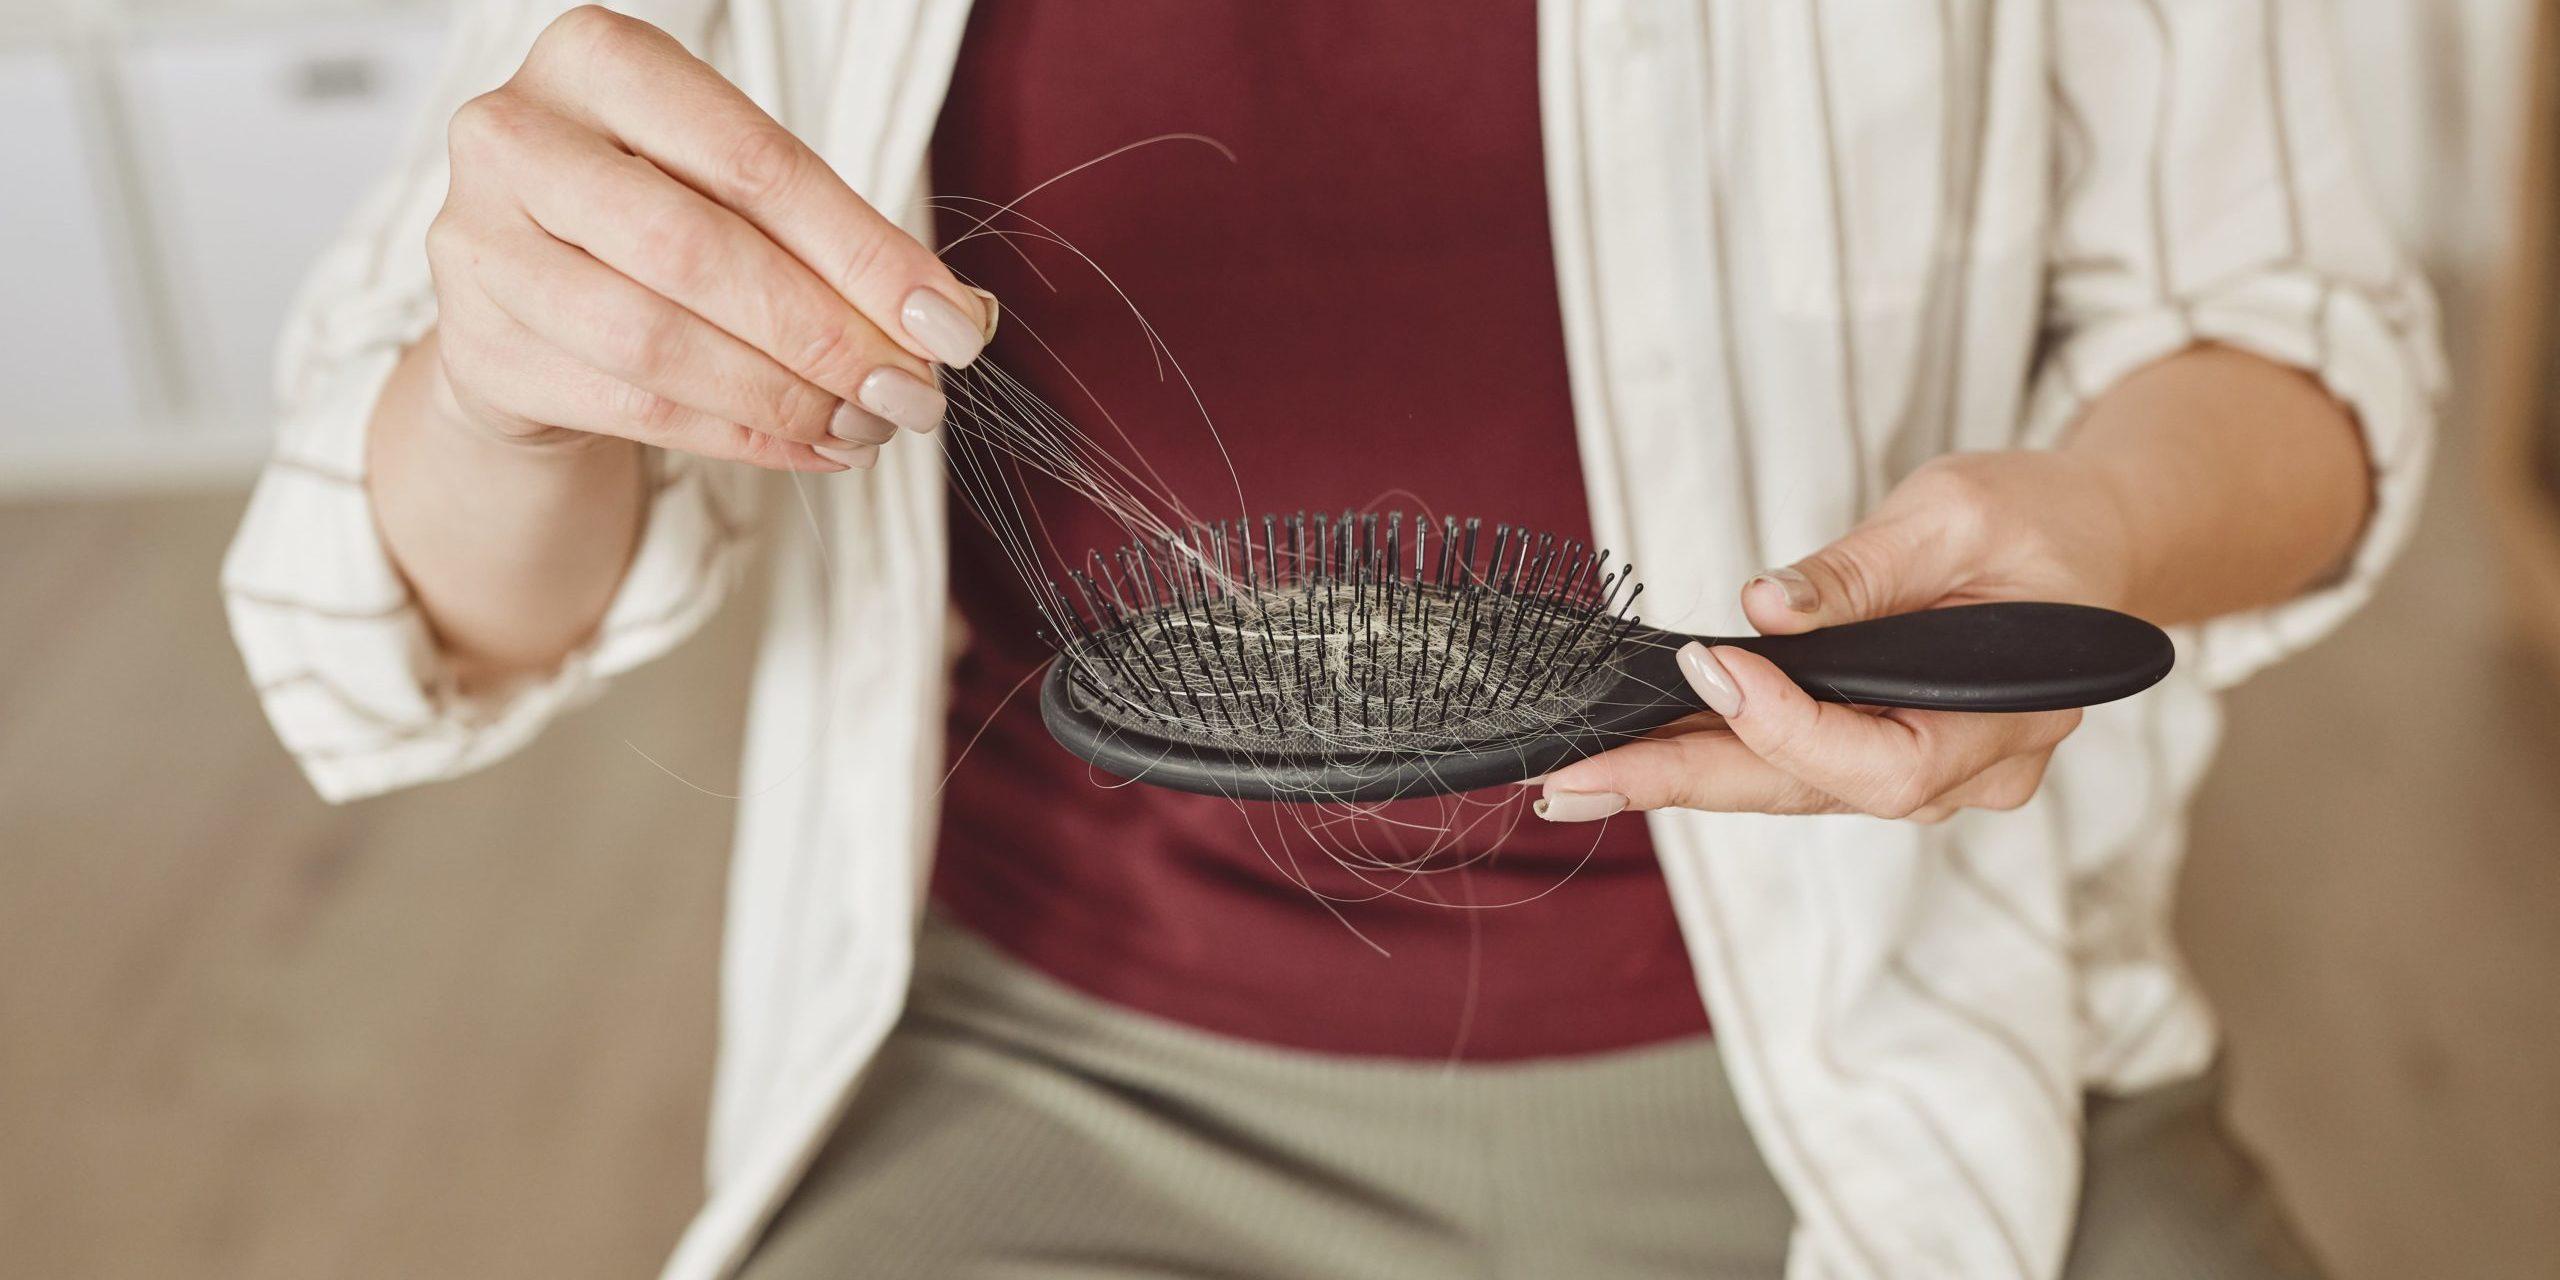 Przeszczep włosów - kiedy jest wskazany